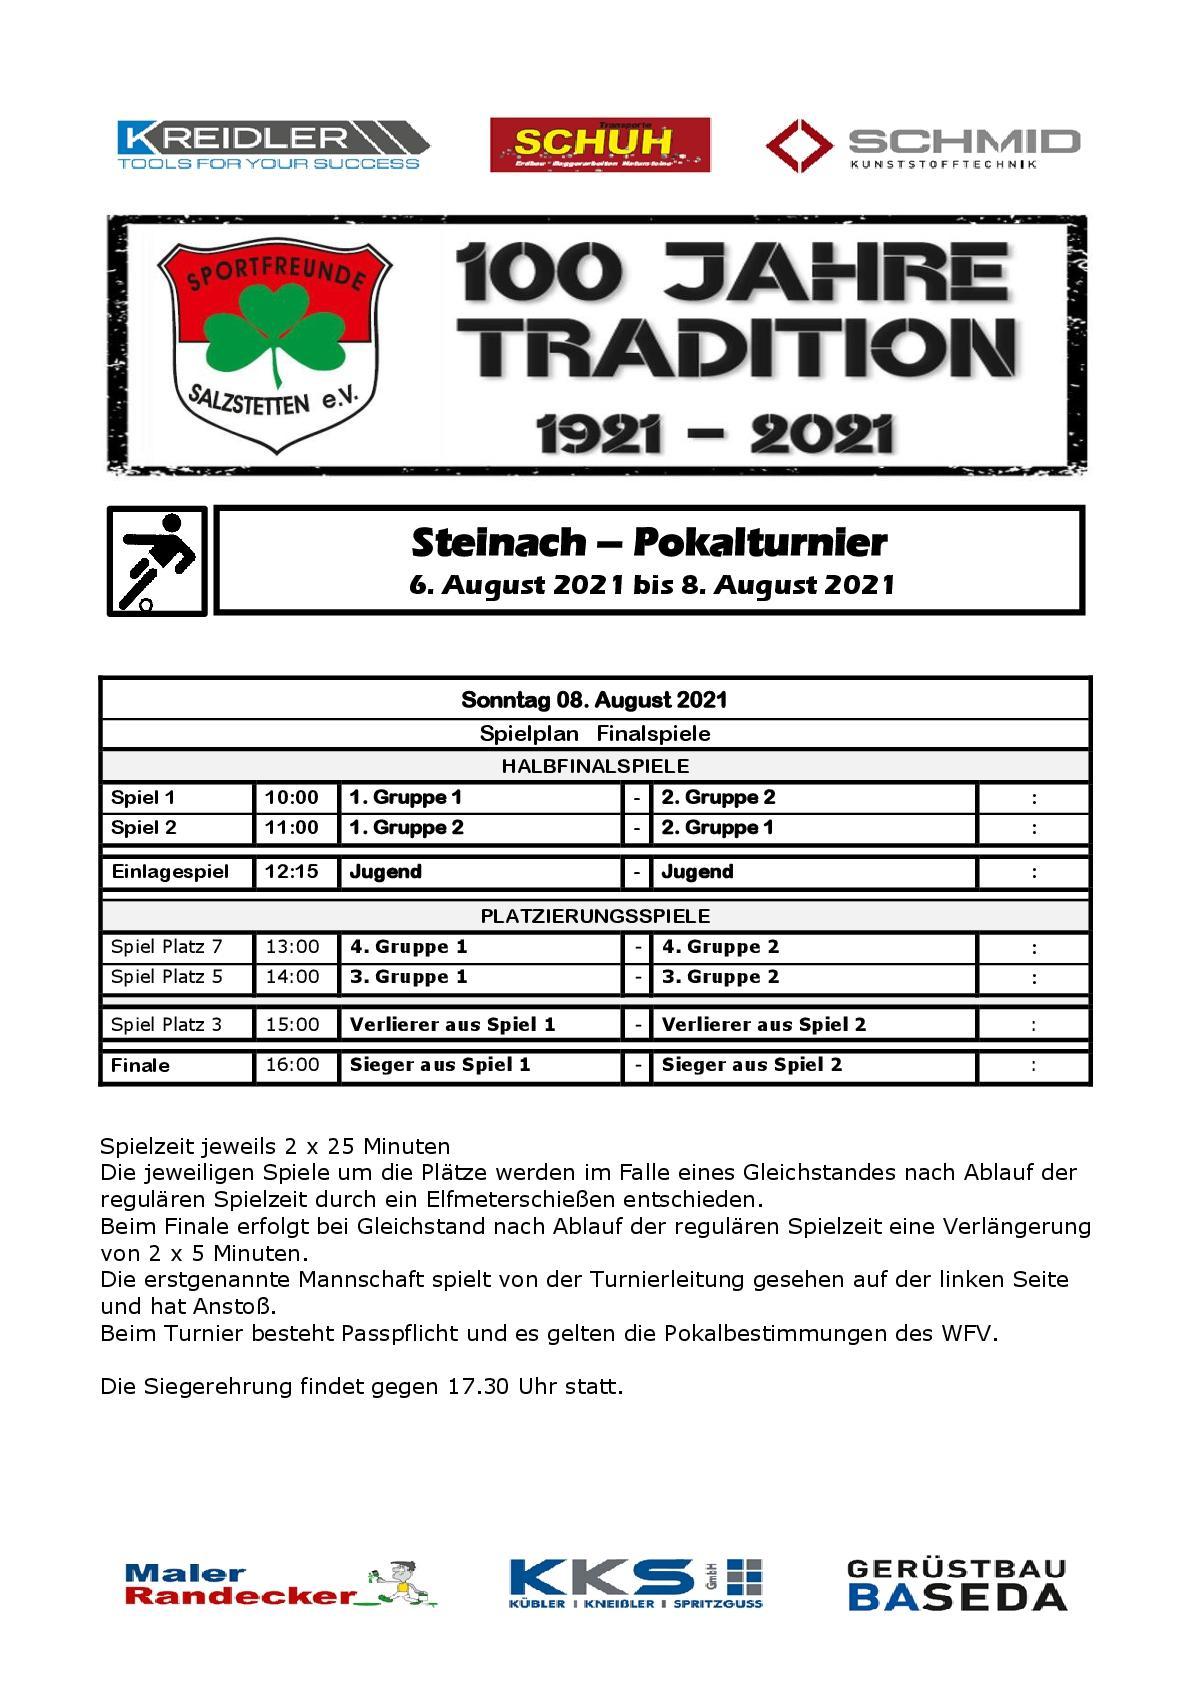 Steinachpokal Turnierplan - Sonntag